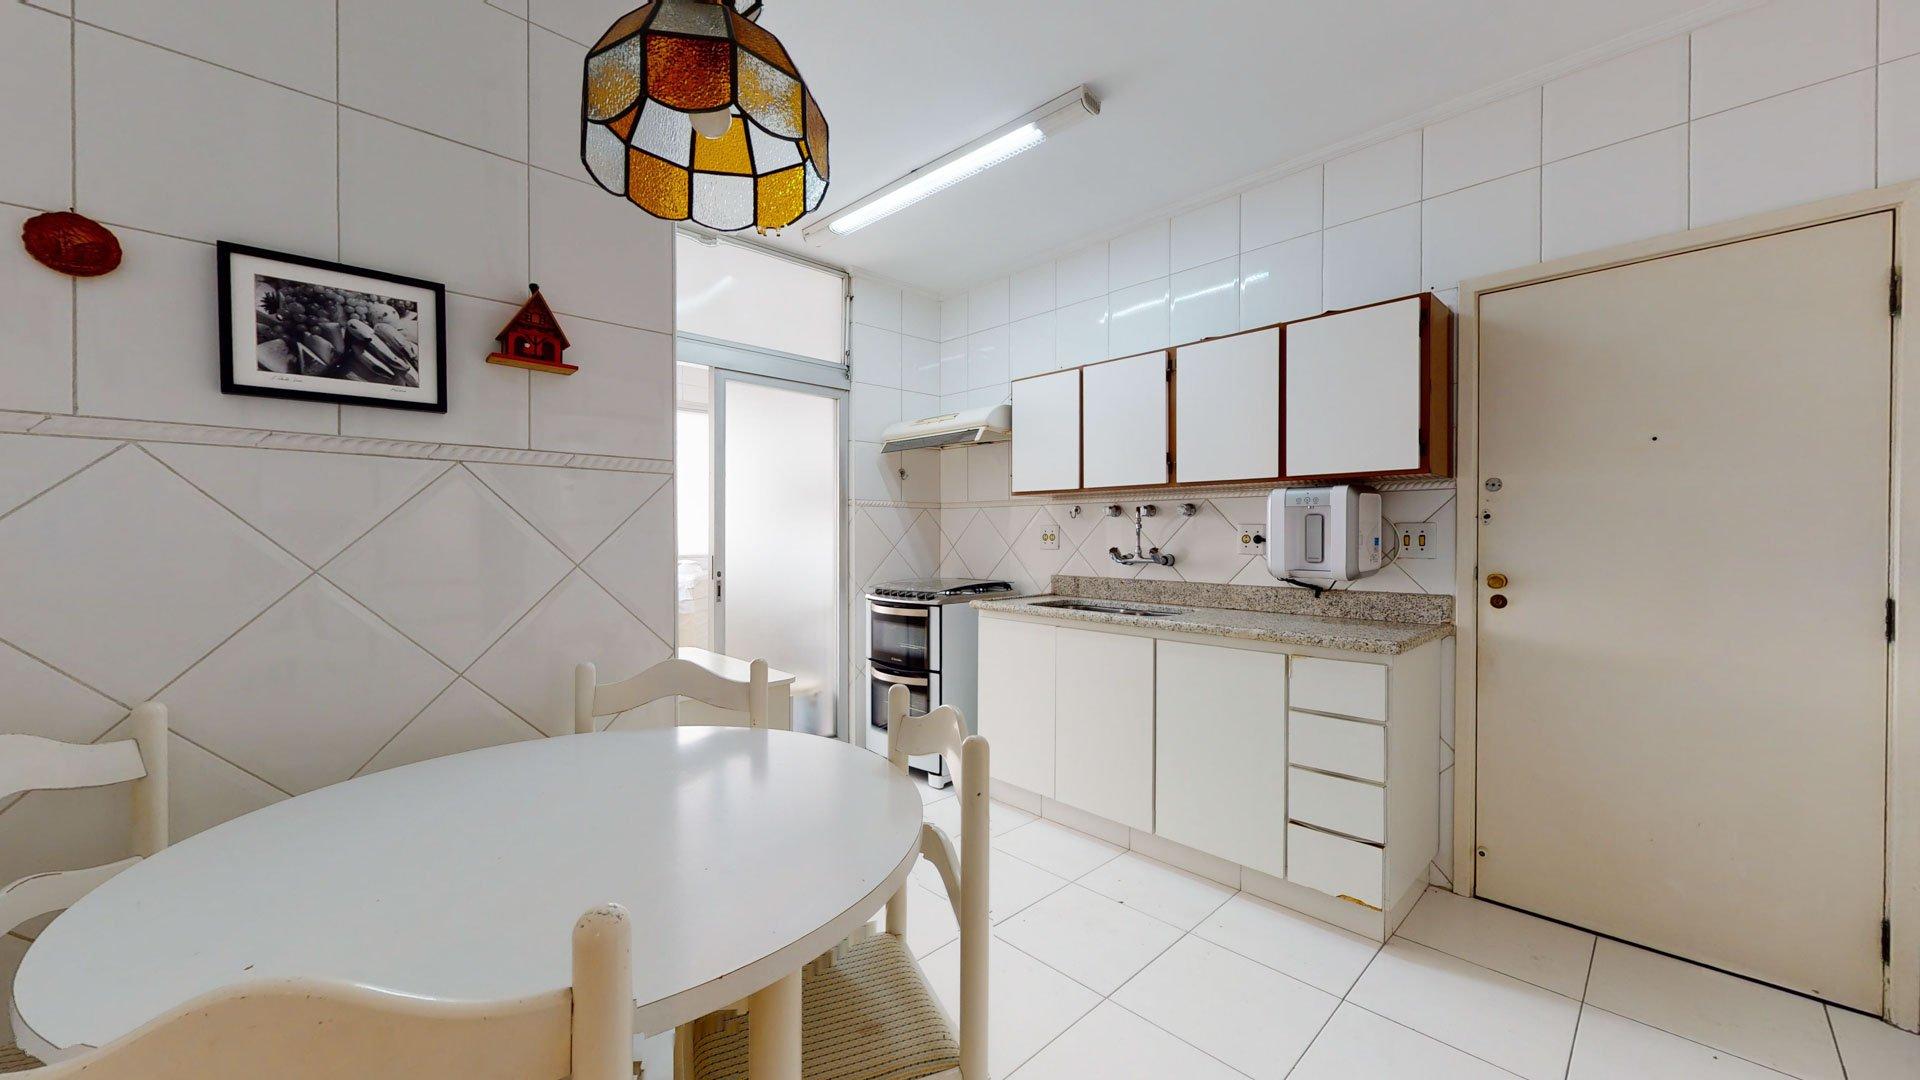 Foto de Cozinha com forno, pia, cadeira, mesa de jantar